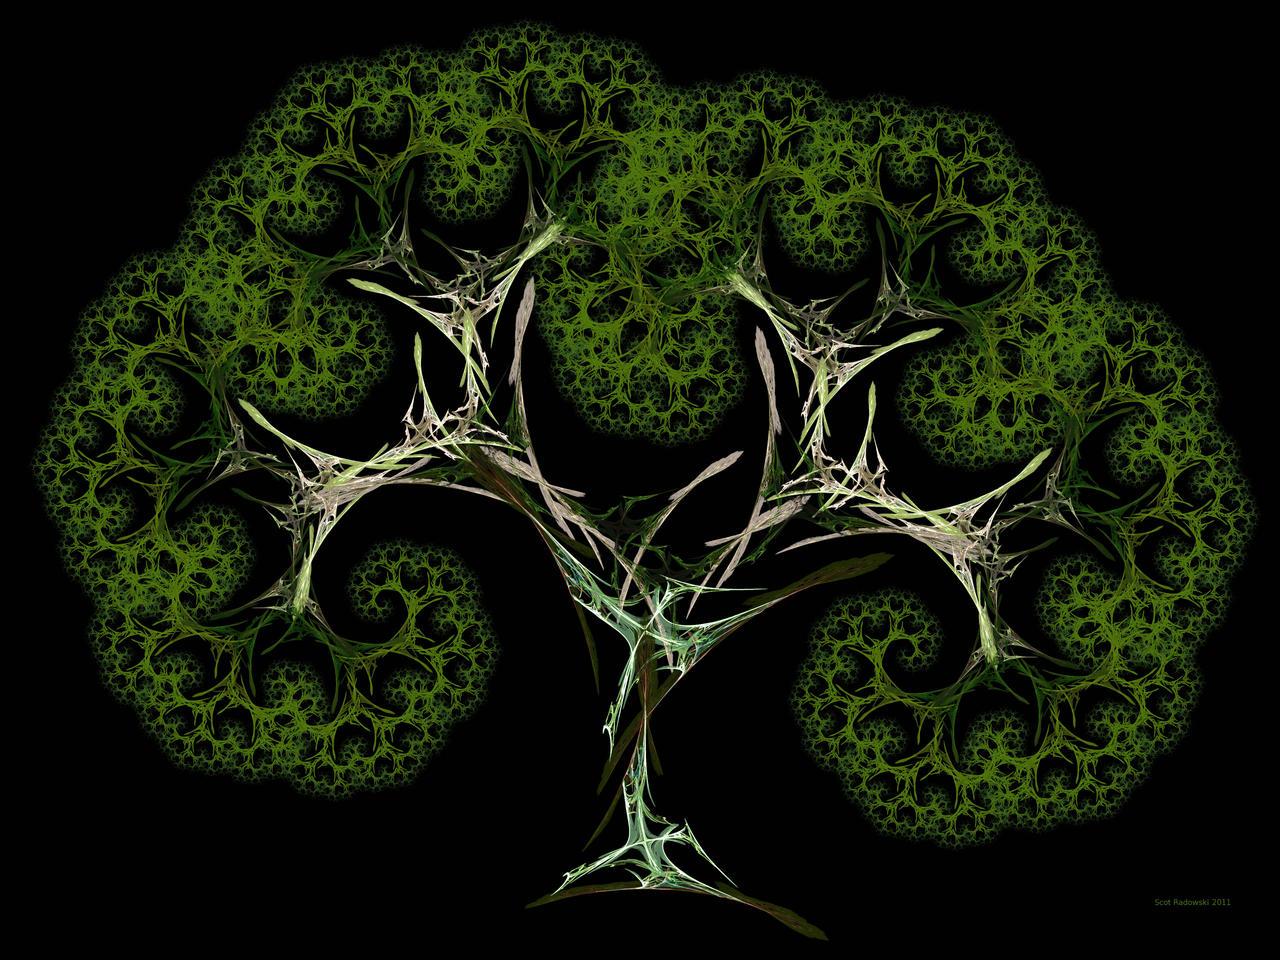 Julian Splits Pythagoras Tree by fractalfiend